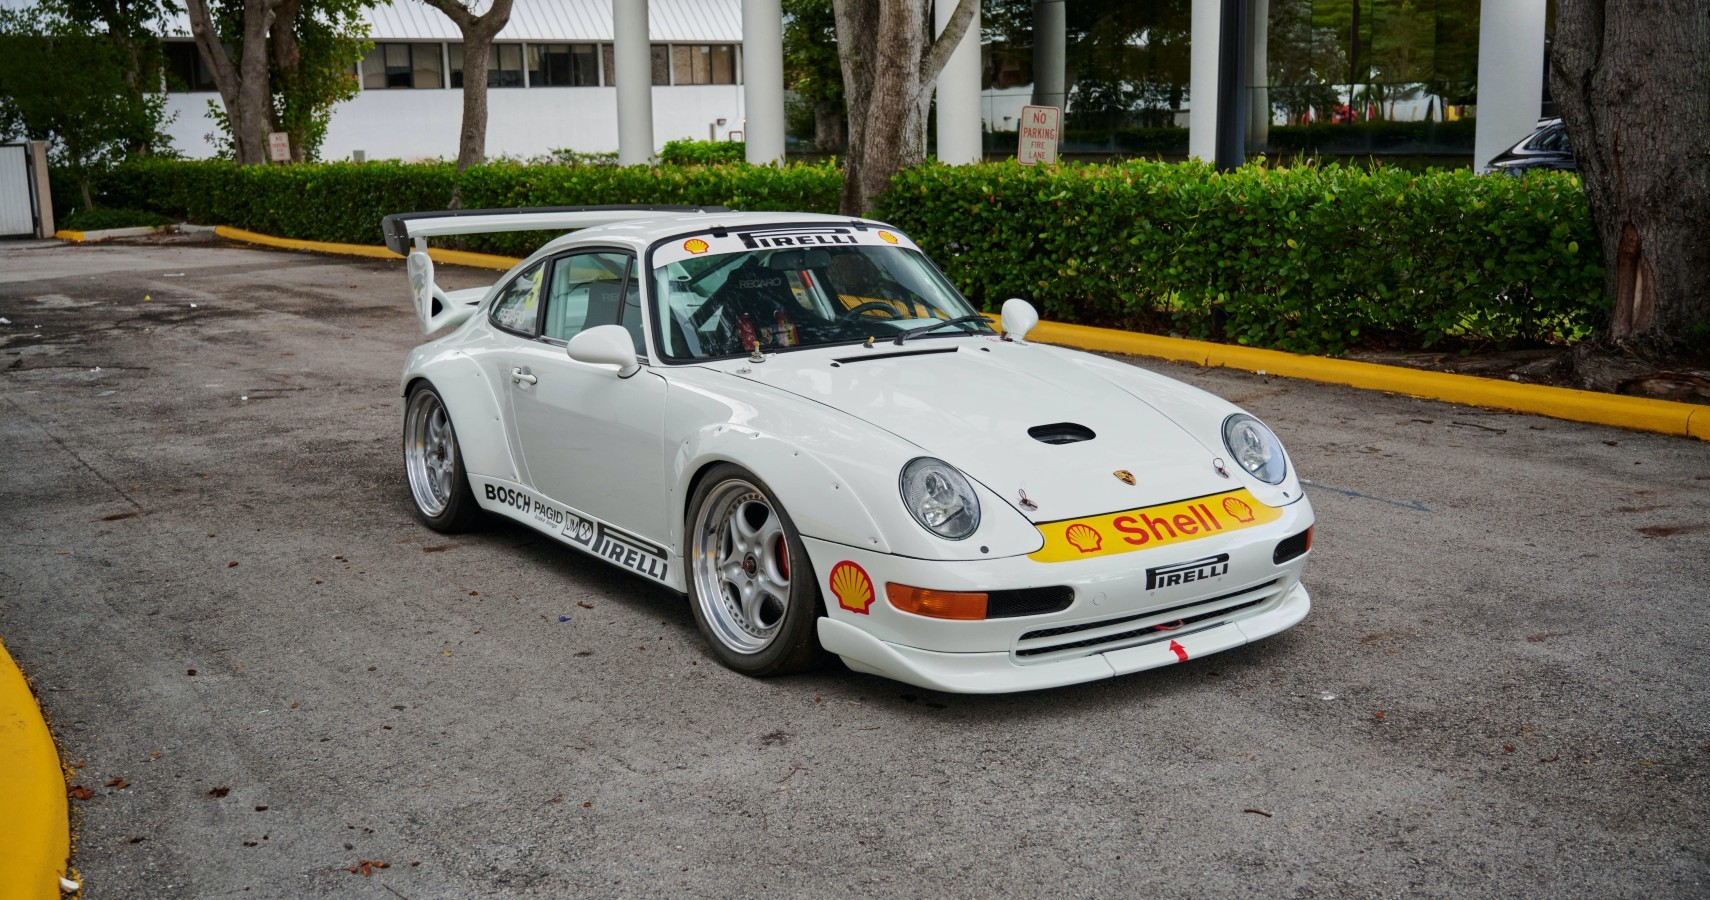 На продажу выставлен 26-летний Porsche 911. Изначально это была трековая версия Carrera RS, однако множество доработок превратило автомобиль в RSR Evo с изменённым двигателем. Заявлено, что спецификации дают возможность назвать спорткар крайне редким. Нынешняя ставка – $115 000.